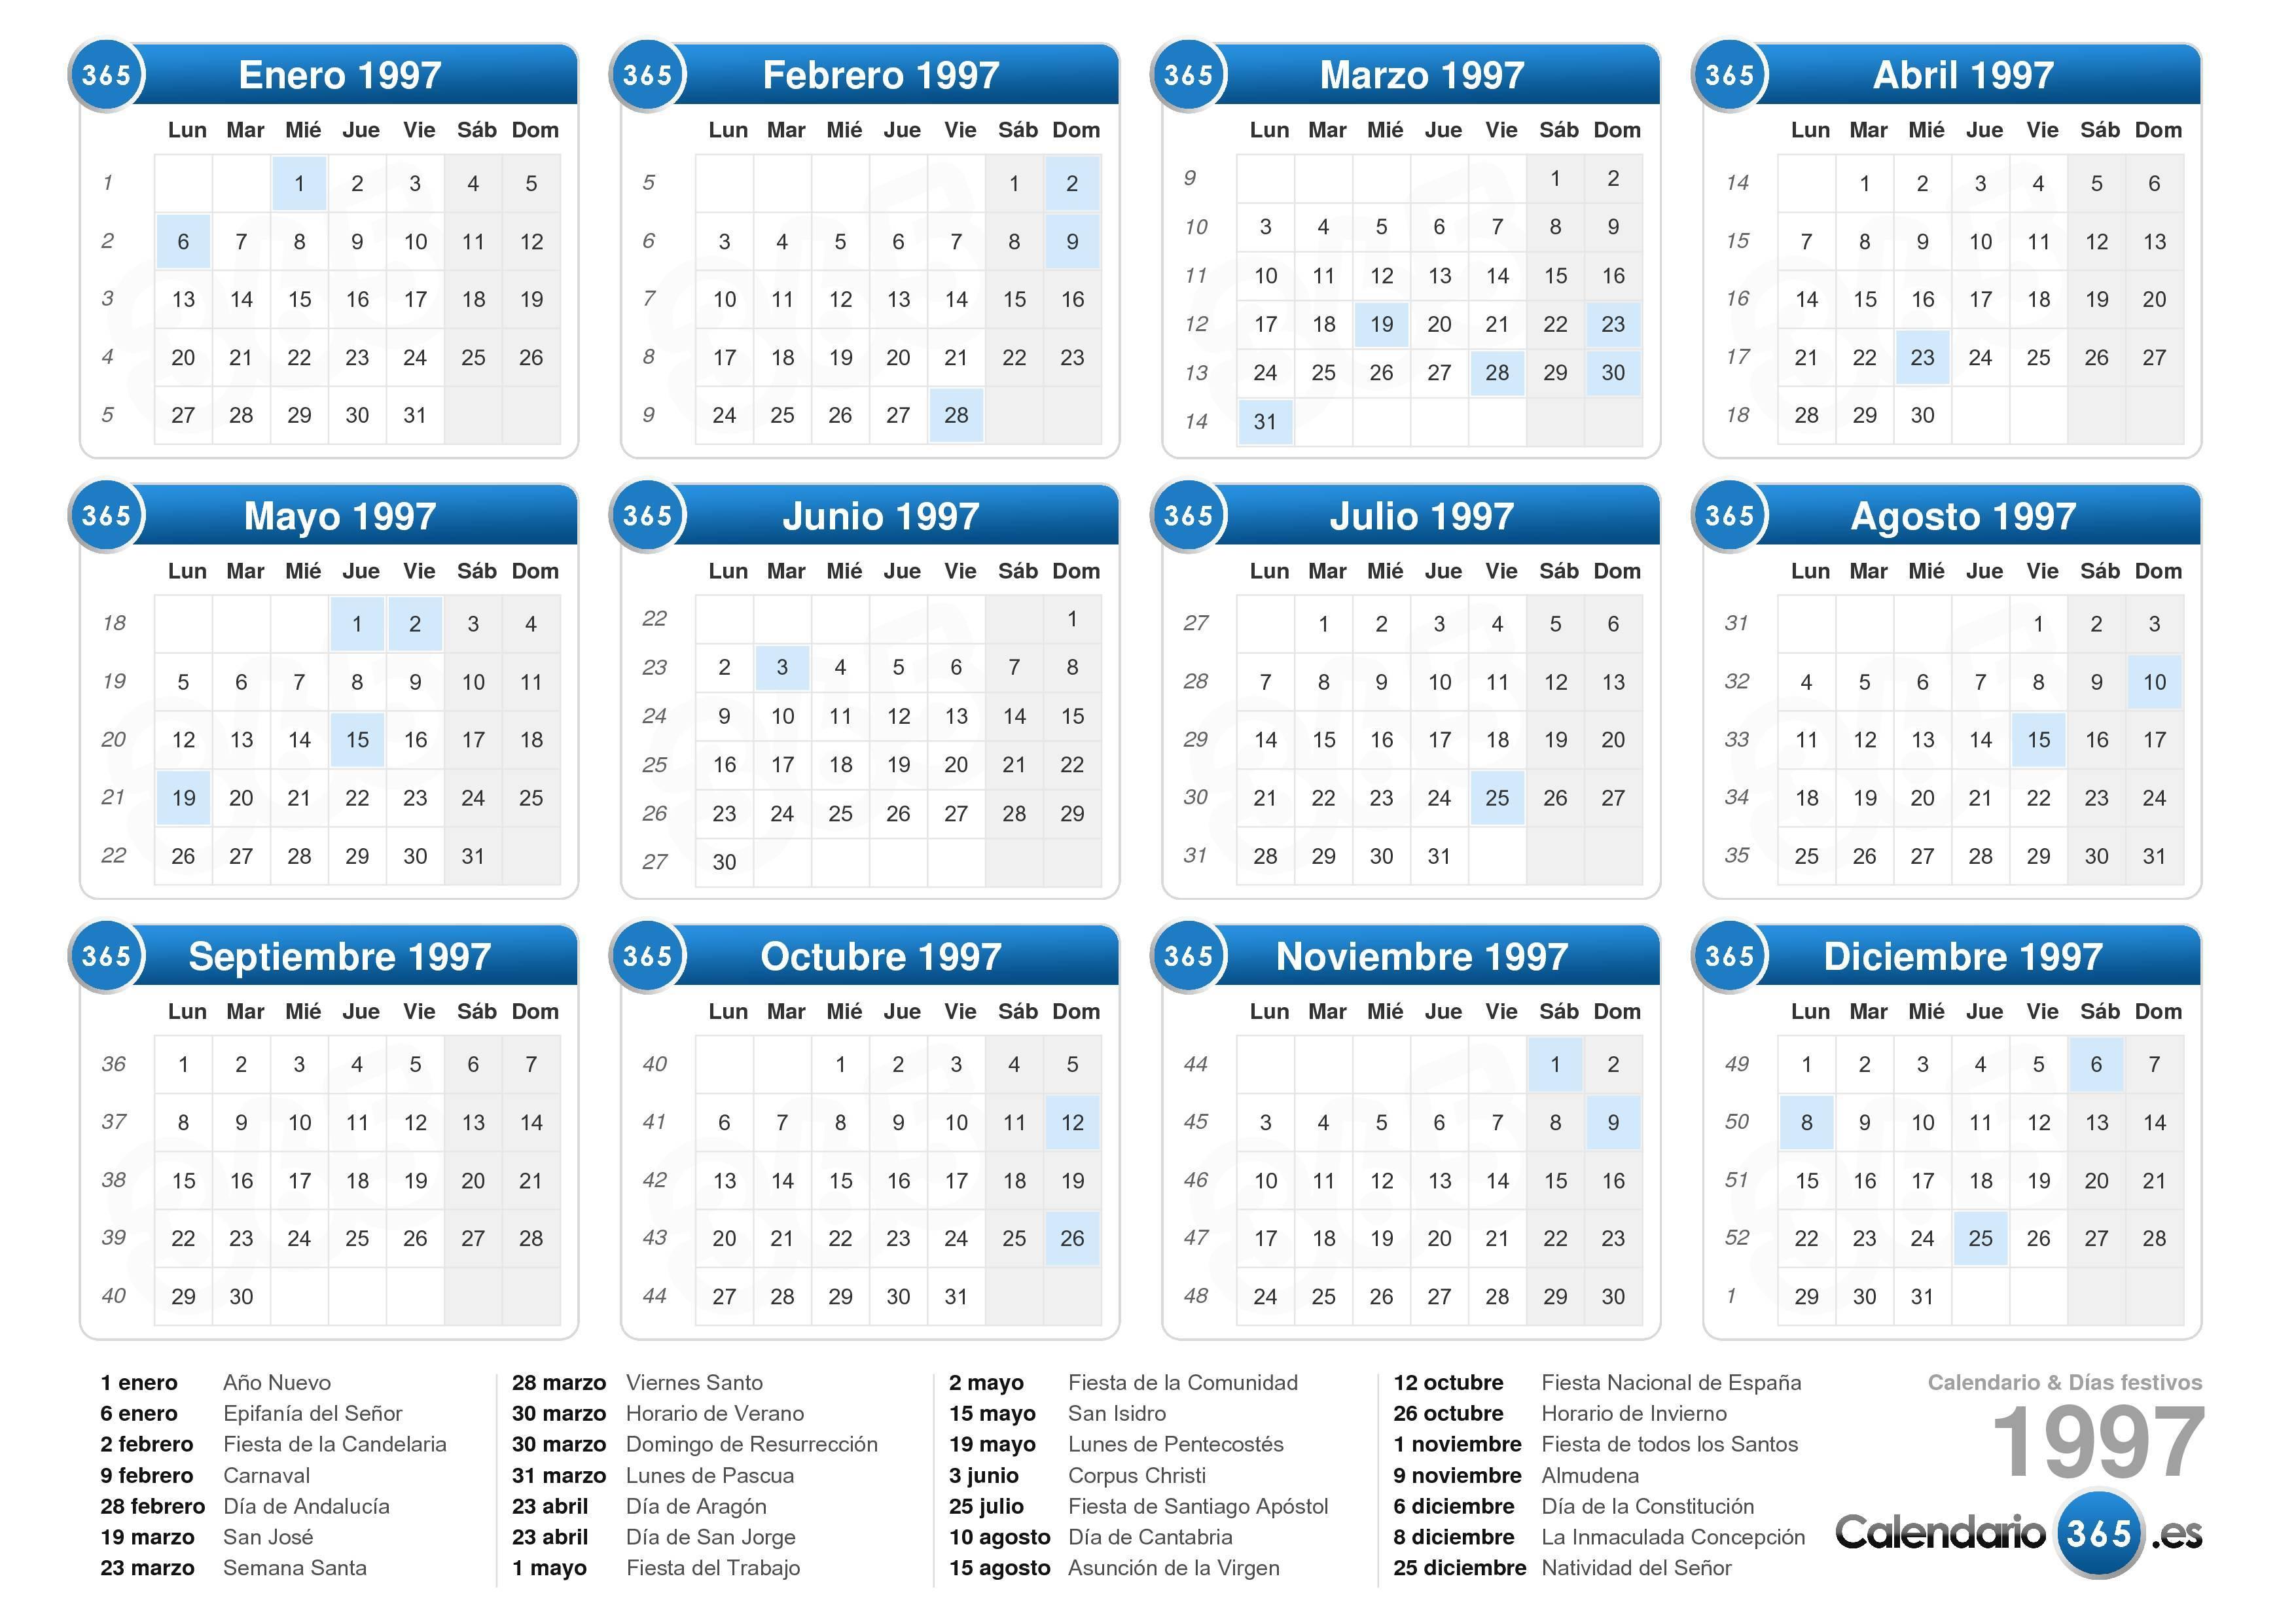 Calendario Del Ano 1957.Calendario 1997